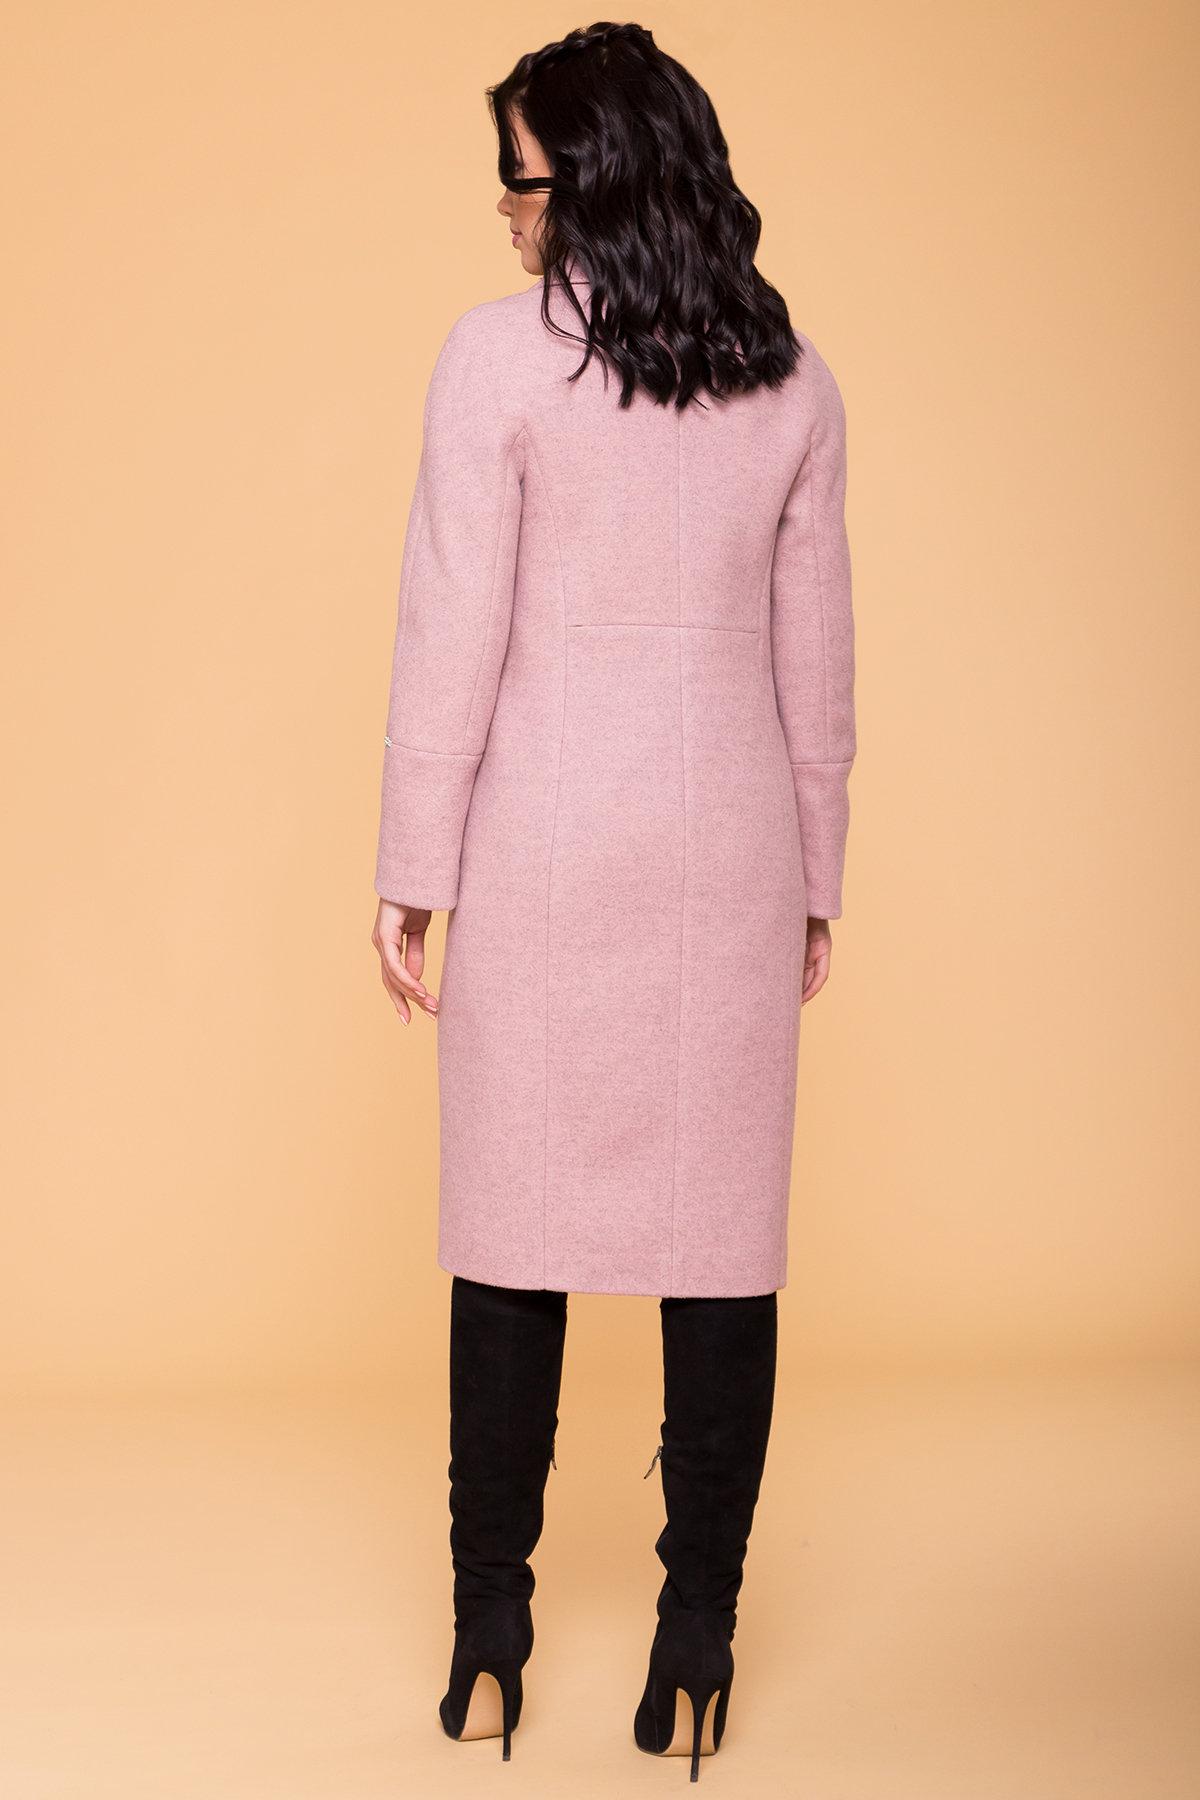 Пальто Верди 6351 Цвет: Серо-розовый 7